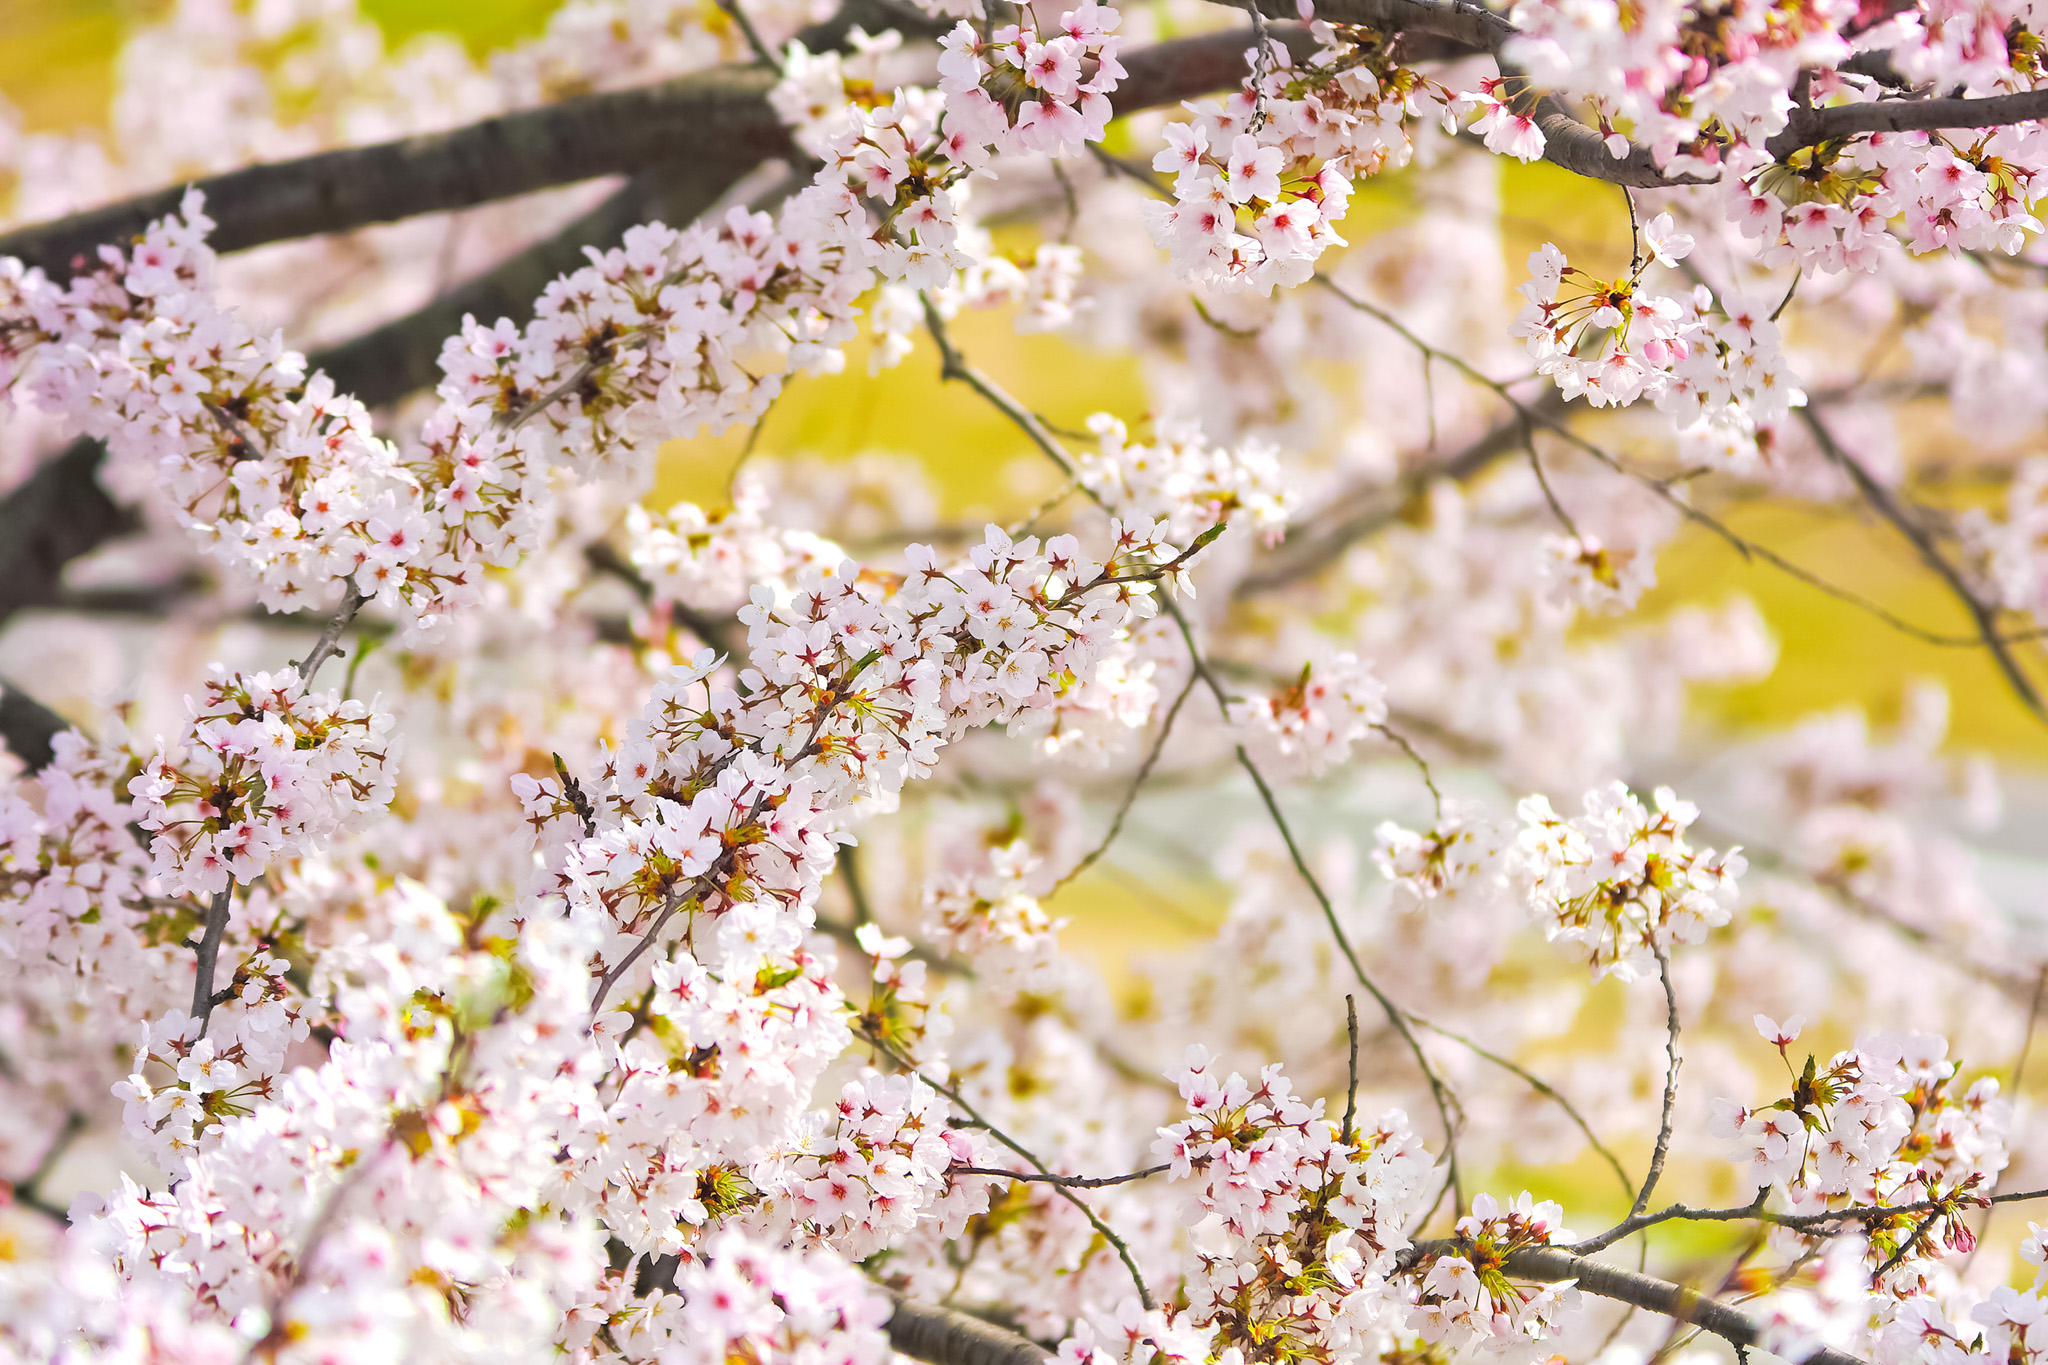 「ソメイヨシノの花と黄色の背景」の素材を無料ダウンロード